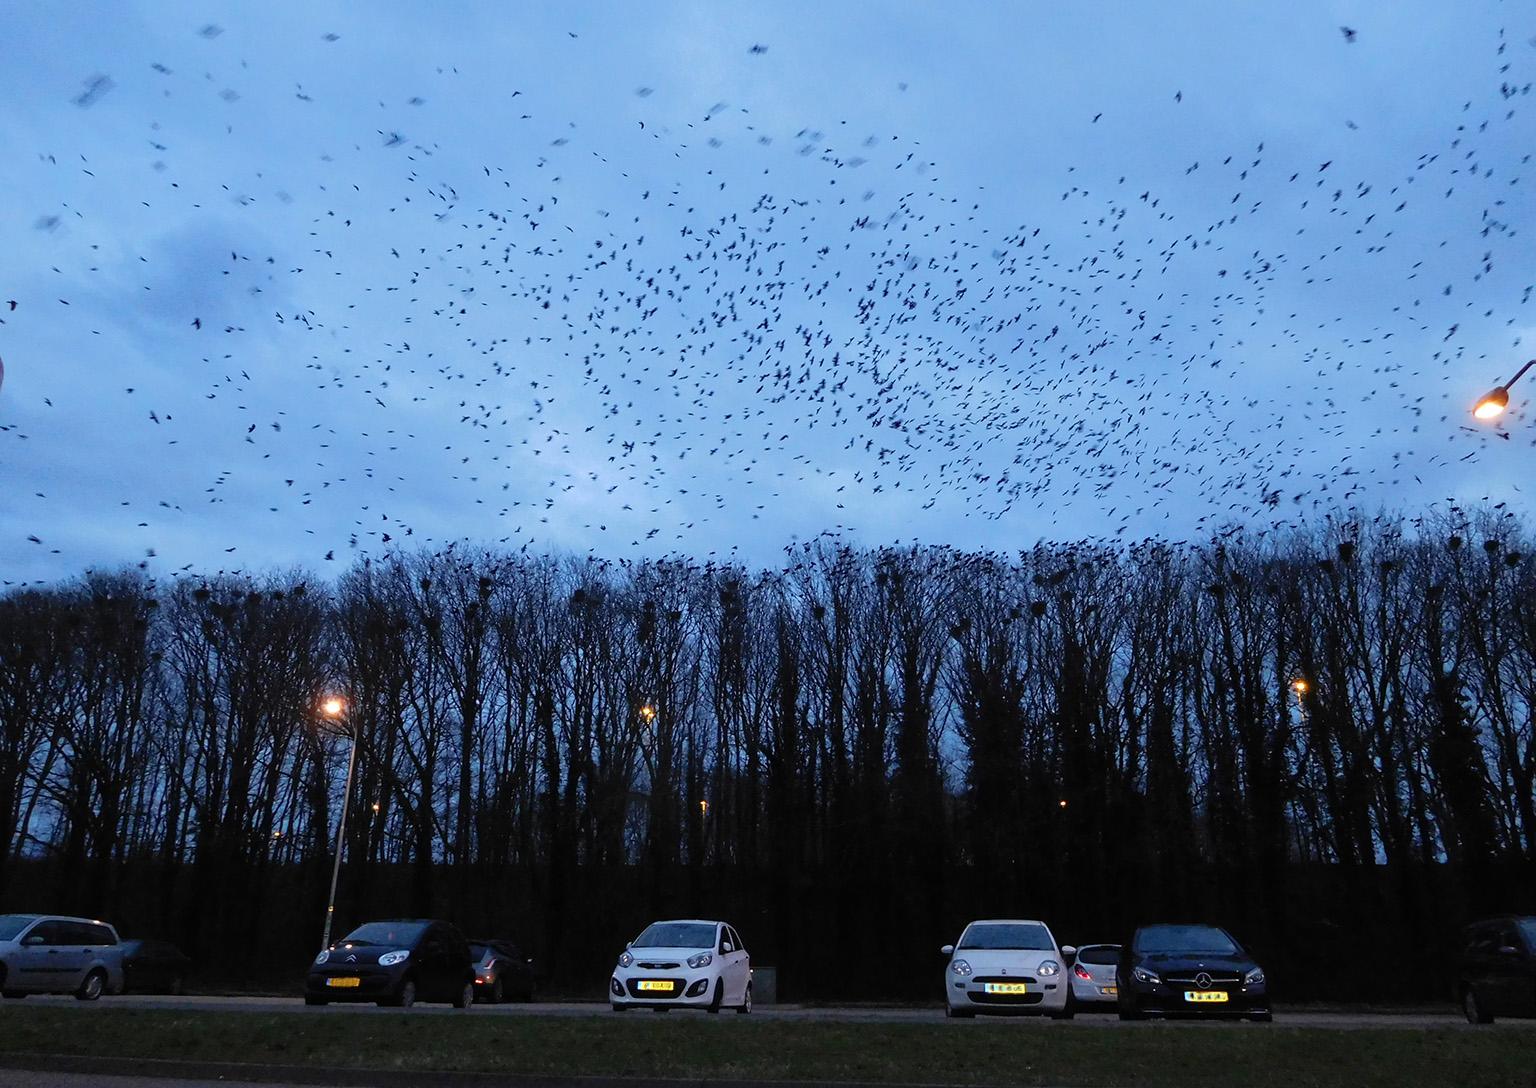 De enorme roekenkolonie bij Restaurant De Goudreinet in Barneveld/Terschuur - Foto: © Louis Fraanje